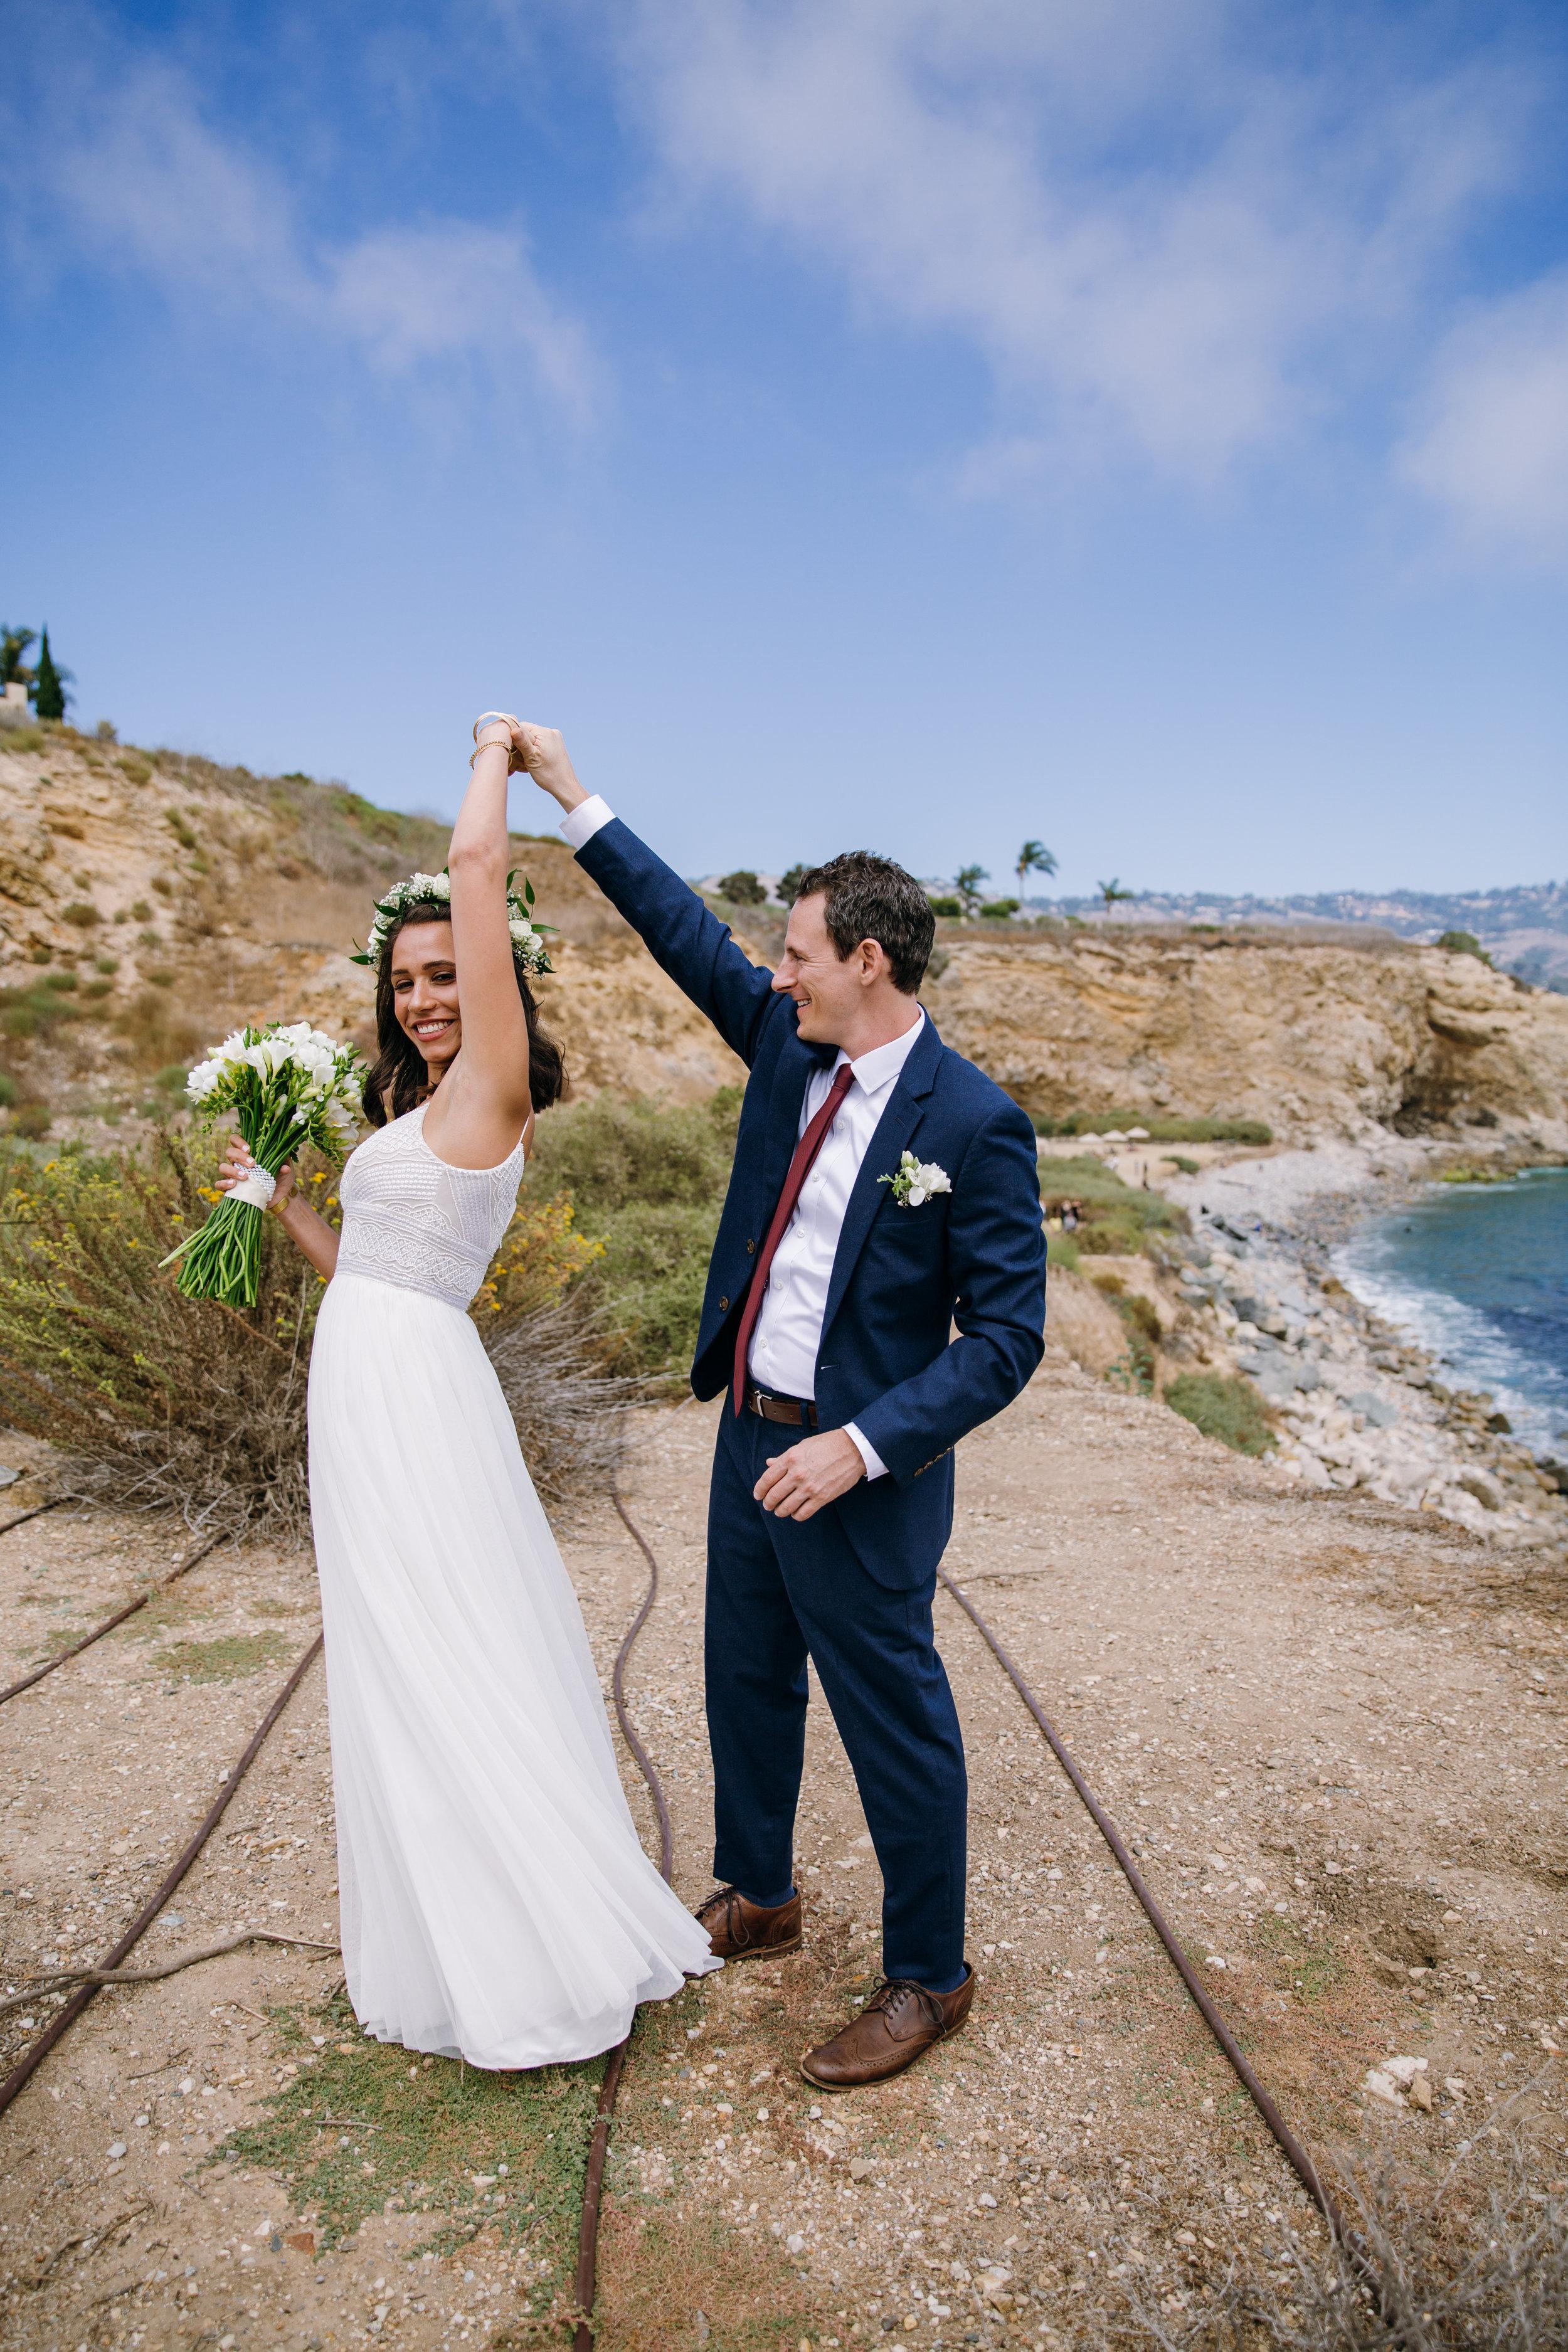 KaraNixonWeddings-PalosVerde-Terranea-Wedding-3.jpg